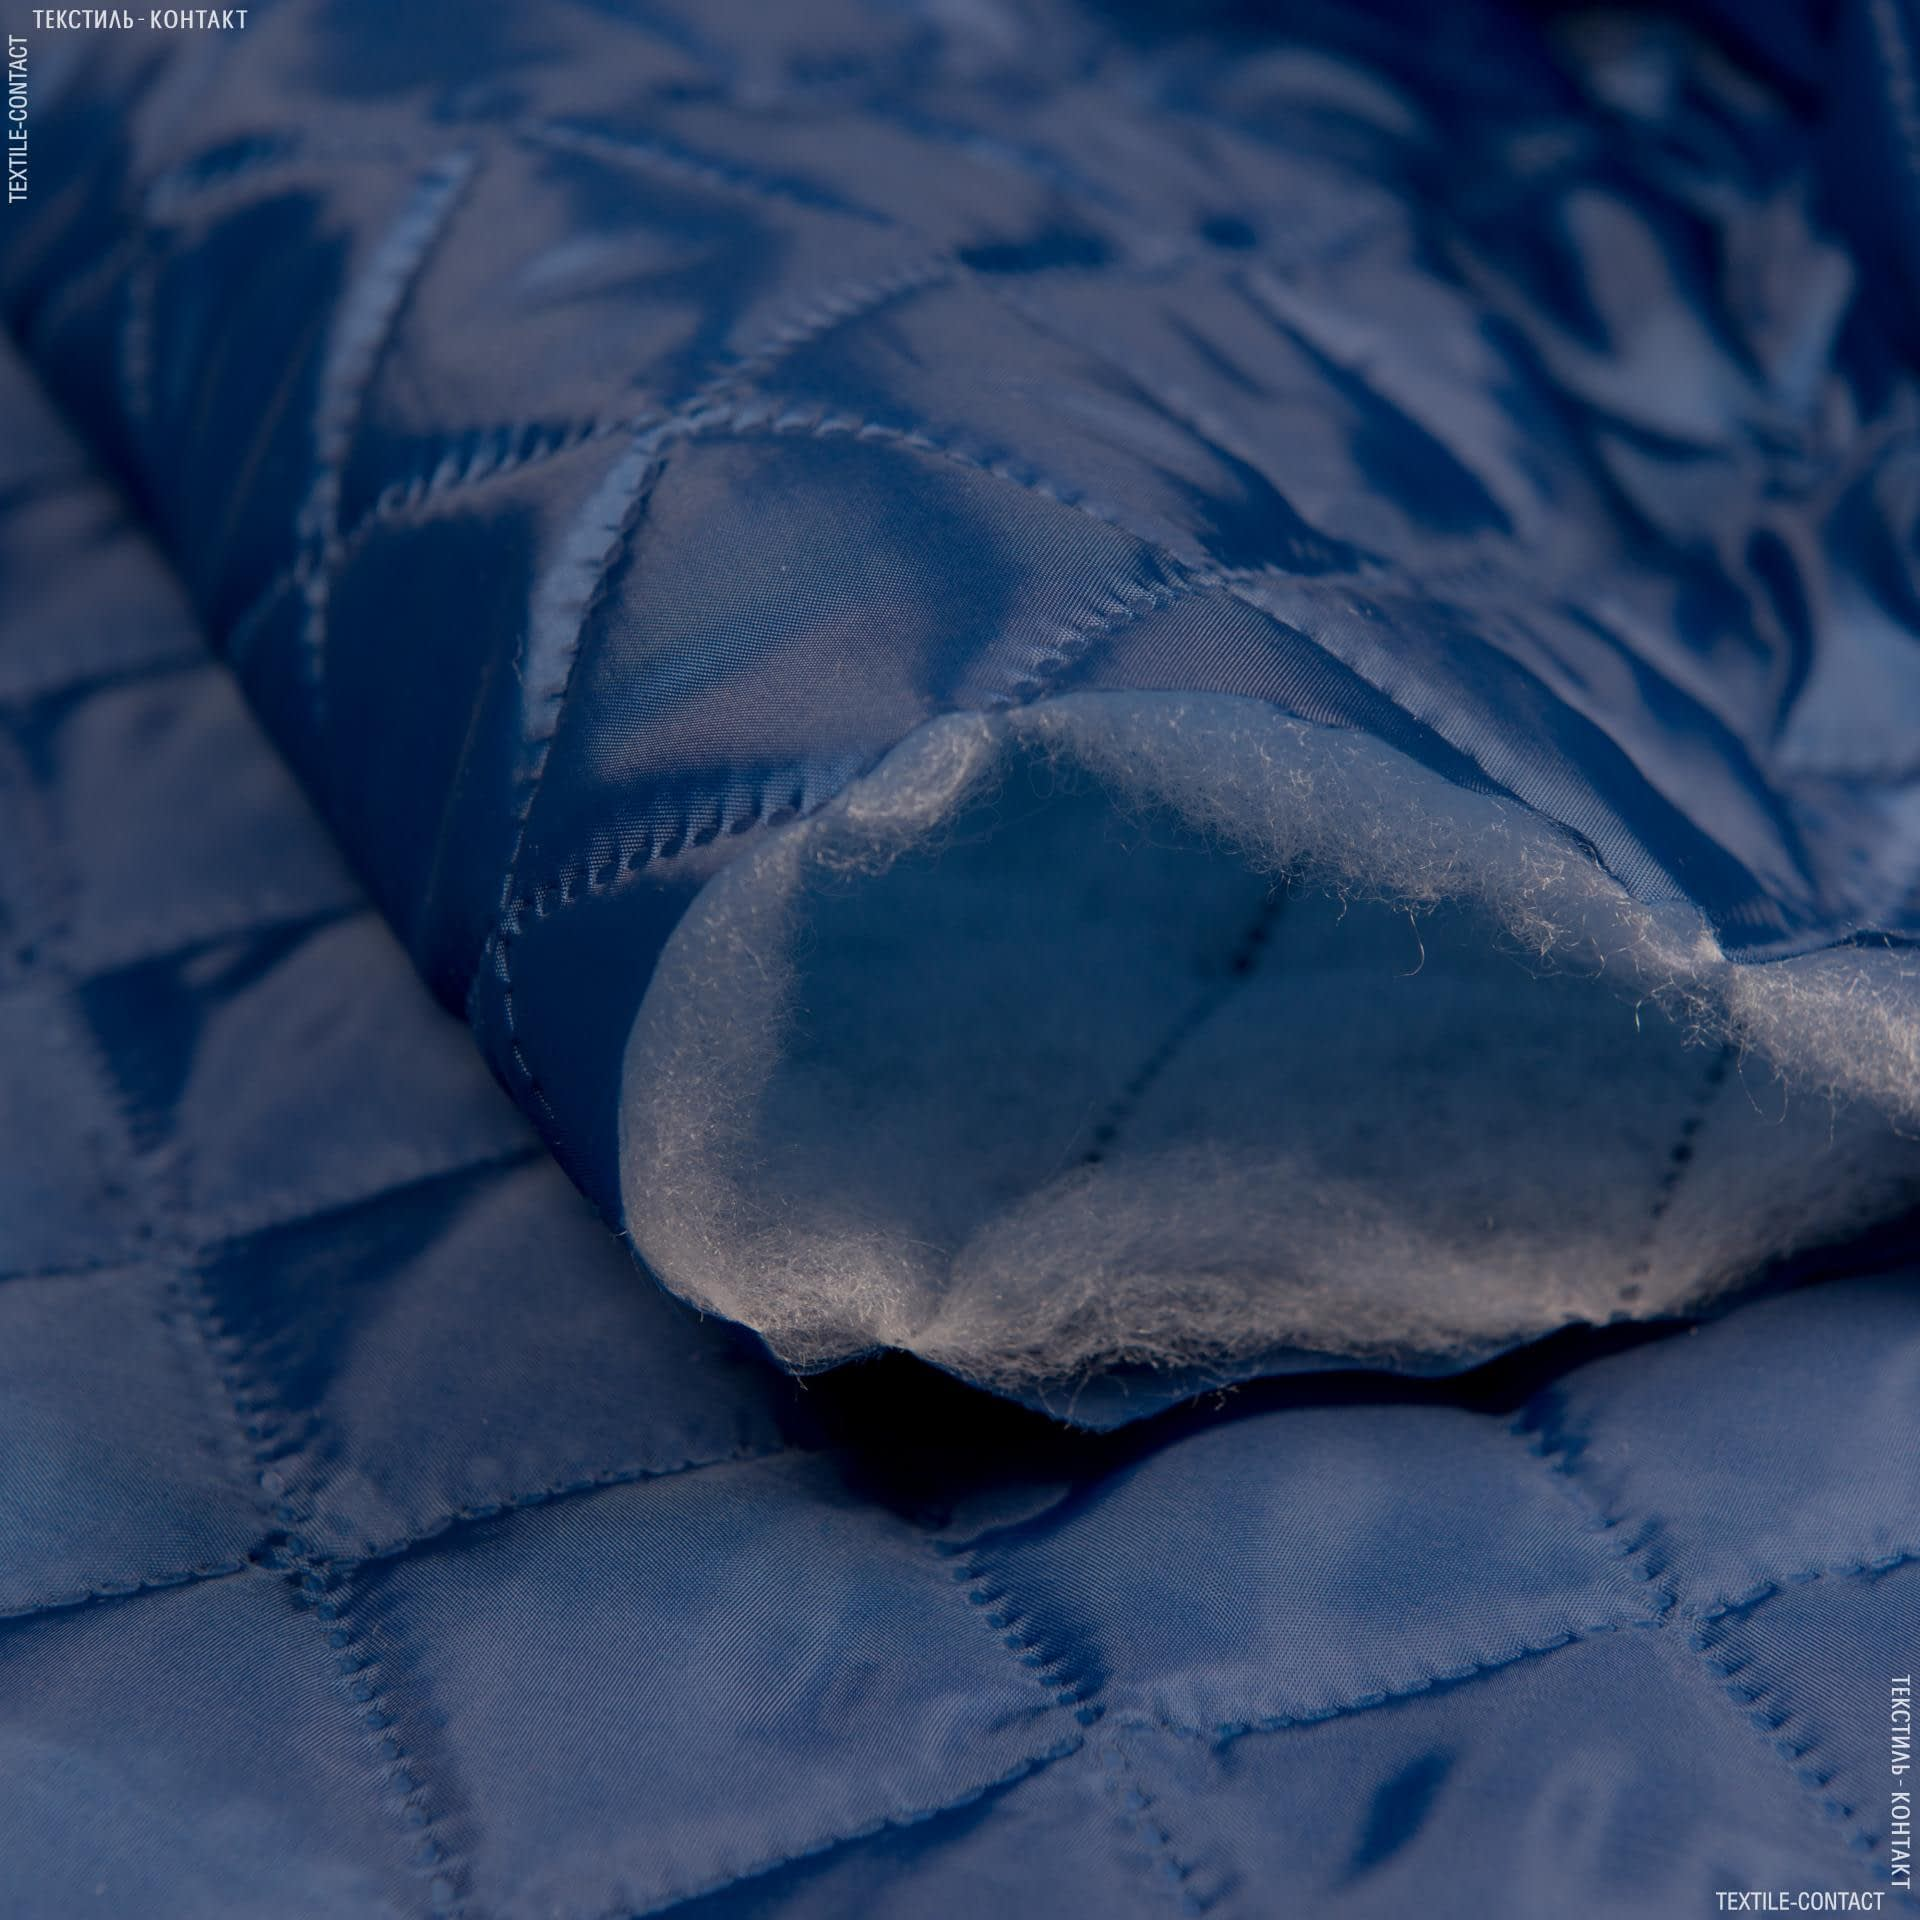 Тканини підкладкова тканина - Підкладка 190т термопаяна з синтепоном 100г/м 5х5 синій